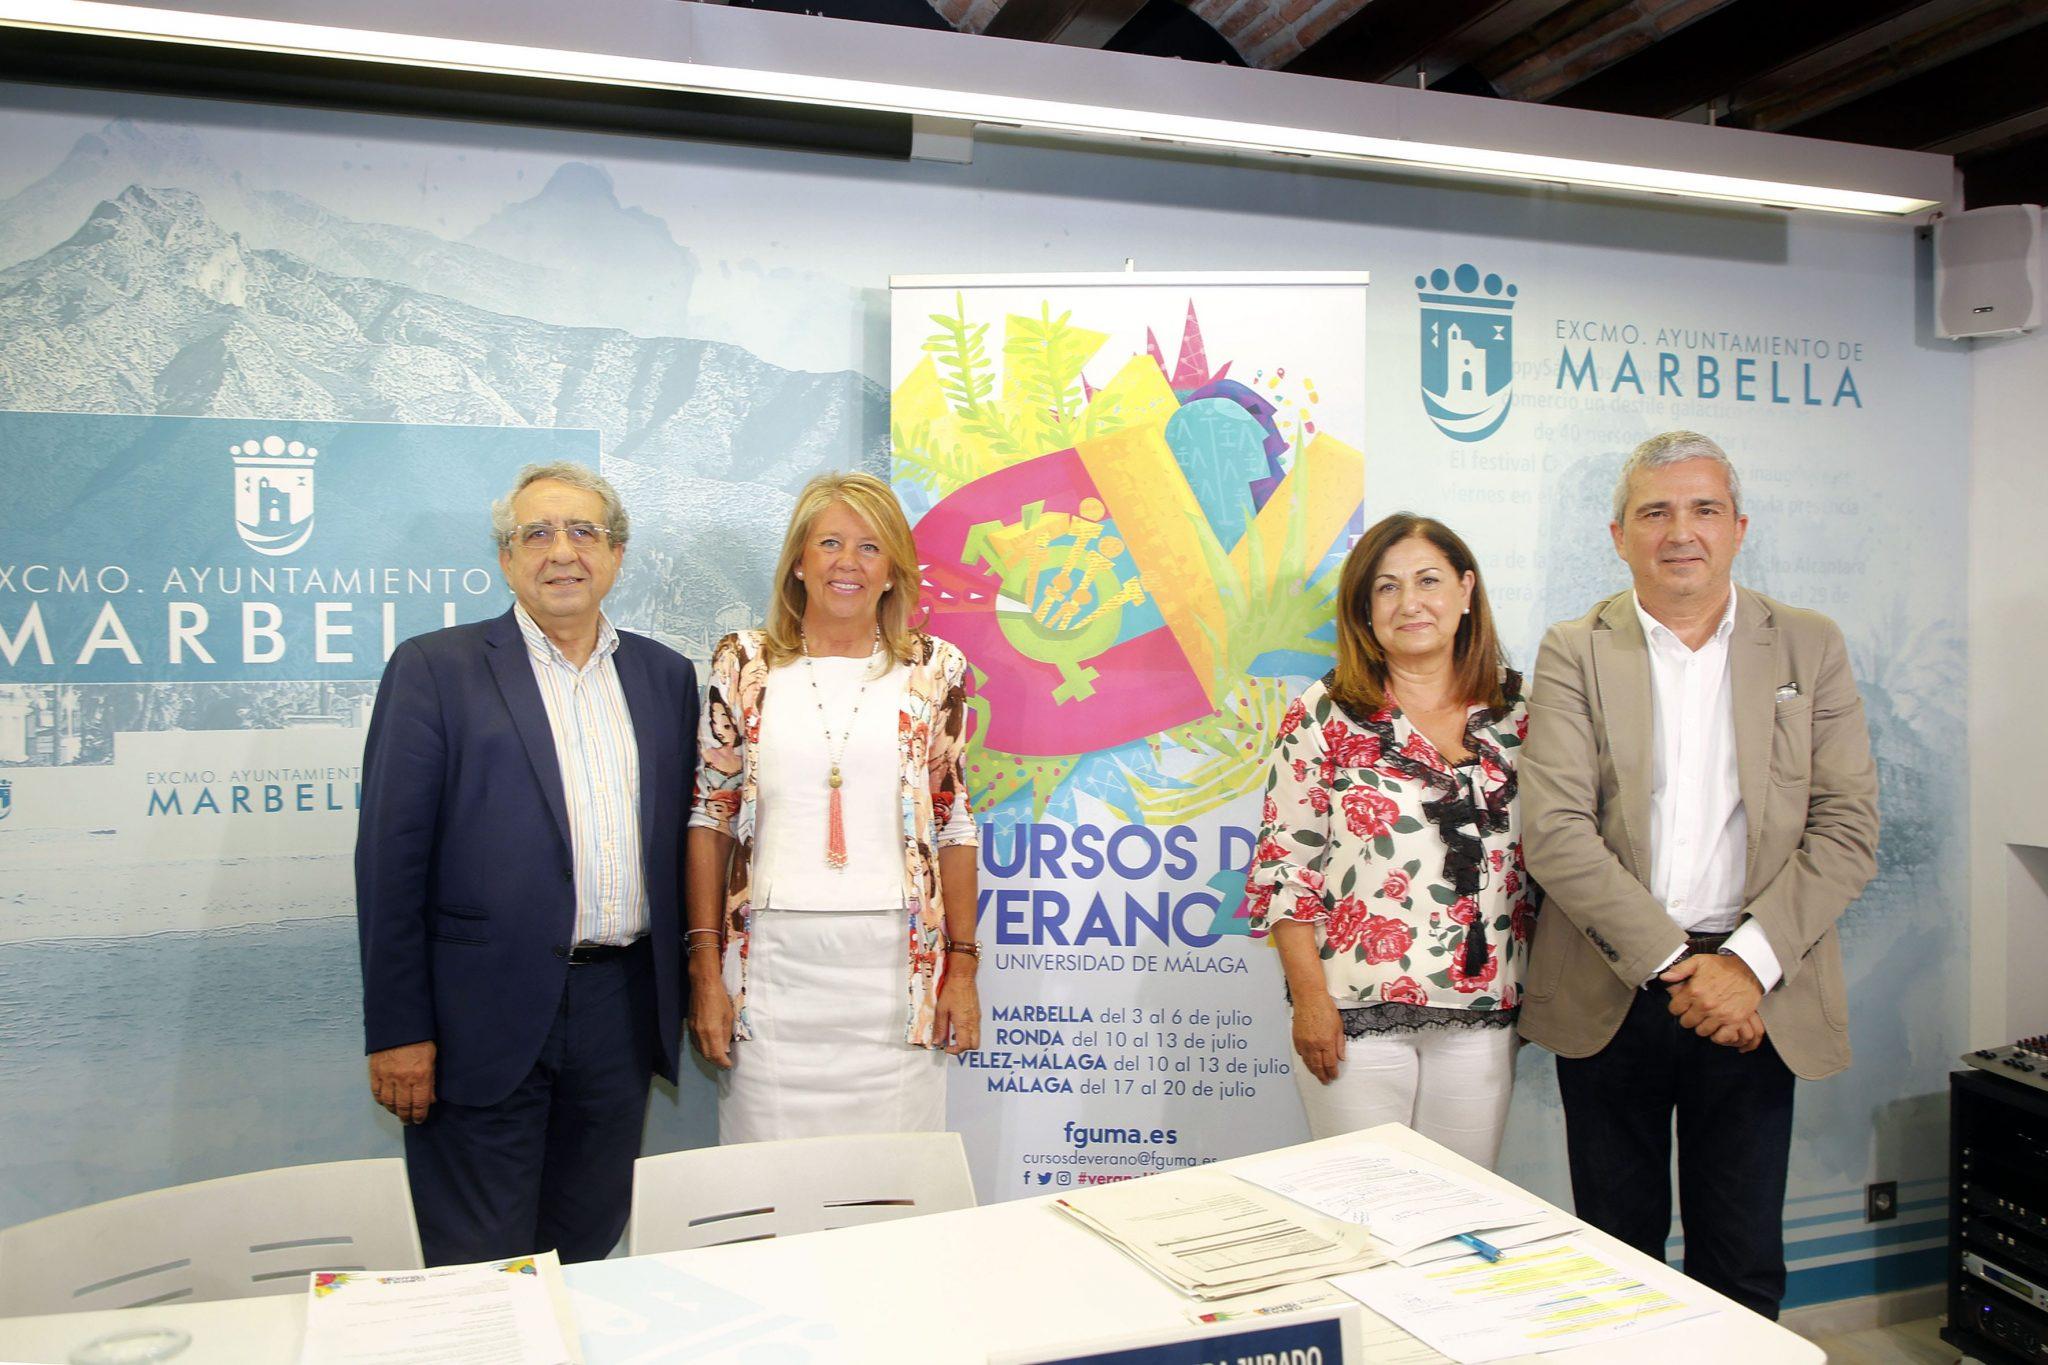 Marbella tratará en los Cursos de Verano el turismo sanitario y otros temas